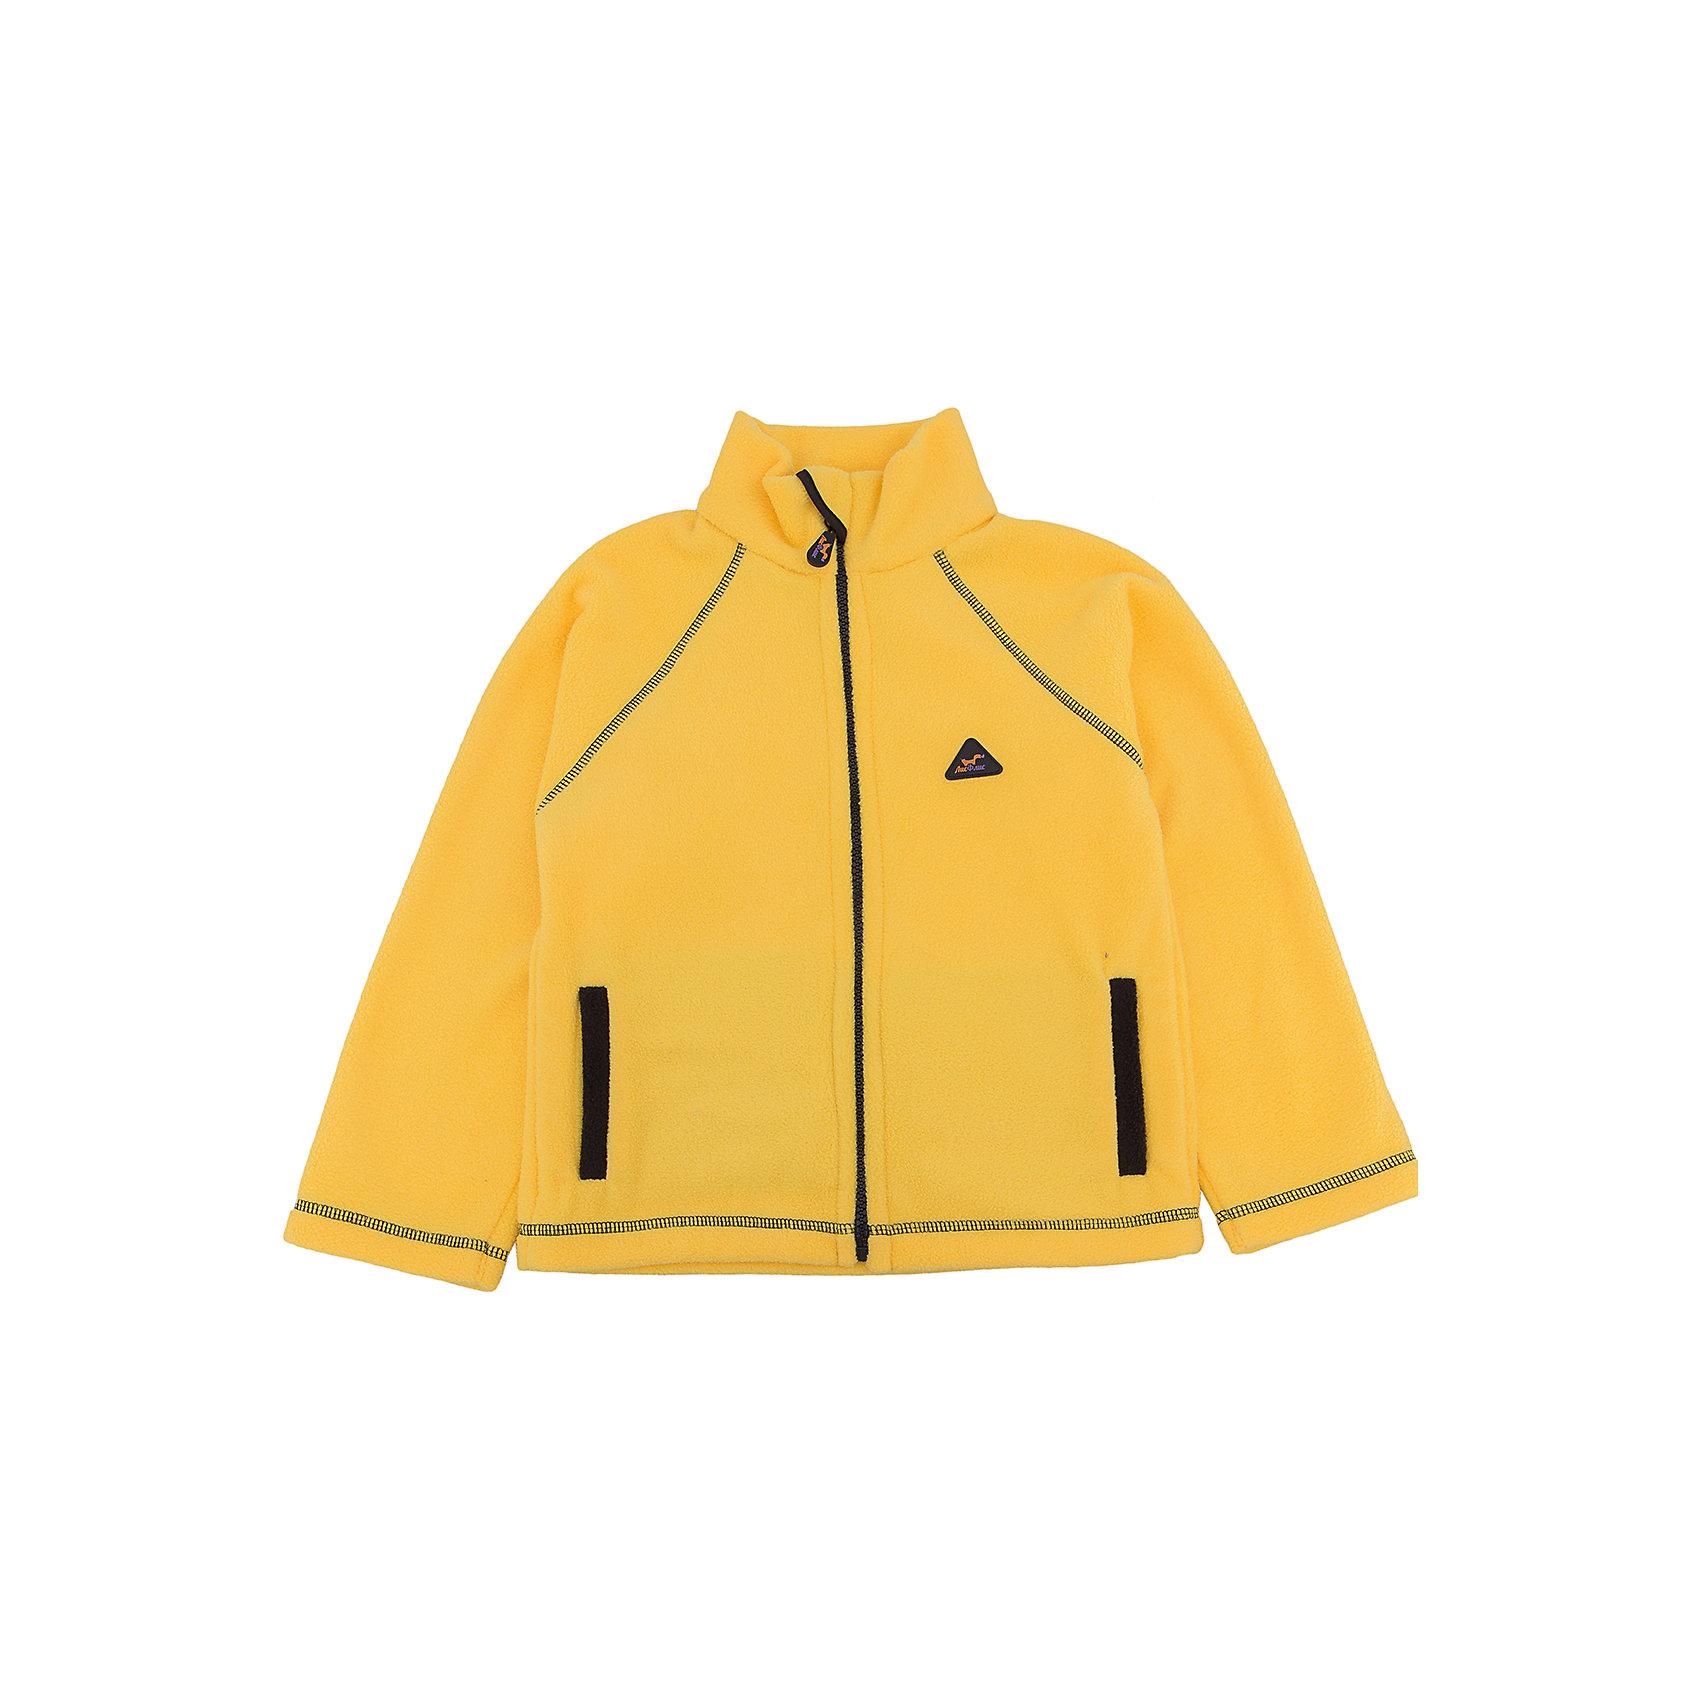 Толстовка Радуга ЛисФлисТолстовки<br>Характеристики кофты ЛисФлис :<br><br>- комплектация: кофта<br>- пол: для мальчика, для девочки<br>- цвет: желтый<br>- длина рукава: длинные<br>- вид застежки: молния<br>- тип карманов: накладные<br>- покрой: прямой<br>- декоративные элементы: логотип ЛисФлис<br>- фактура материала: флис<br>- уход за вещами: предварительная стирка<br>- рисунок: без рисунка<br>- назначение: повседневная<br>- вырез горловины: воротник-стойка<br>- сезон: круглогодичный<br>- страна бренда: Россия<br>- страна производитель: Россия<br><br>Кофта Радуга желтого цвета торговой марки ЛисФлис - яркая, теплая и комфортная! Изделие украшено контрастной отделкой! И, как всегда, Вы можете выбрать свой цвет из многообразия расцветок этой линии.<br><br>Кофту Радуга торговой марки ЛисФлис можно купить в нашем интернет-магазине.<br><br>Ширина мм: 190<br>Глубина мм: 74<br>Высота мм: 229<br>Вес г: 236<br>Цвет: желтый<br>Возраст от месяцев: 84<br>Возраст до месяцев: 96<br>Пол: Унисекс<br>Возраст: Детский<br>Размер: 128,146,80,86,92,98,104,110,116,122,134,140<br>SKU: 4939137